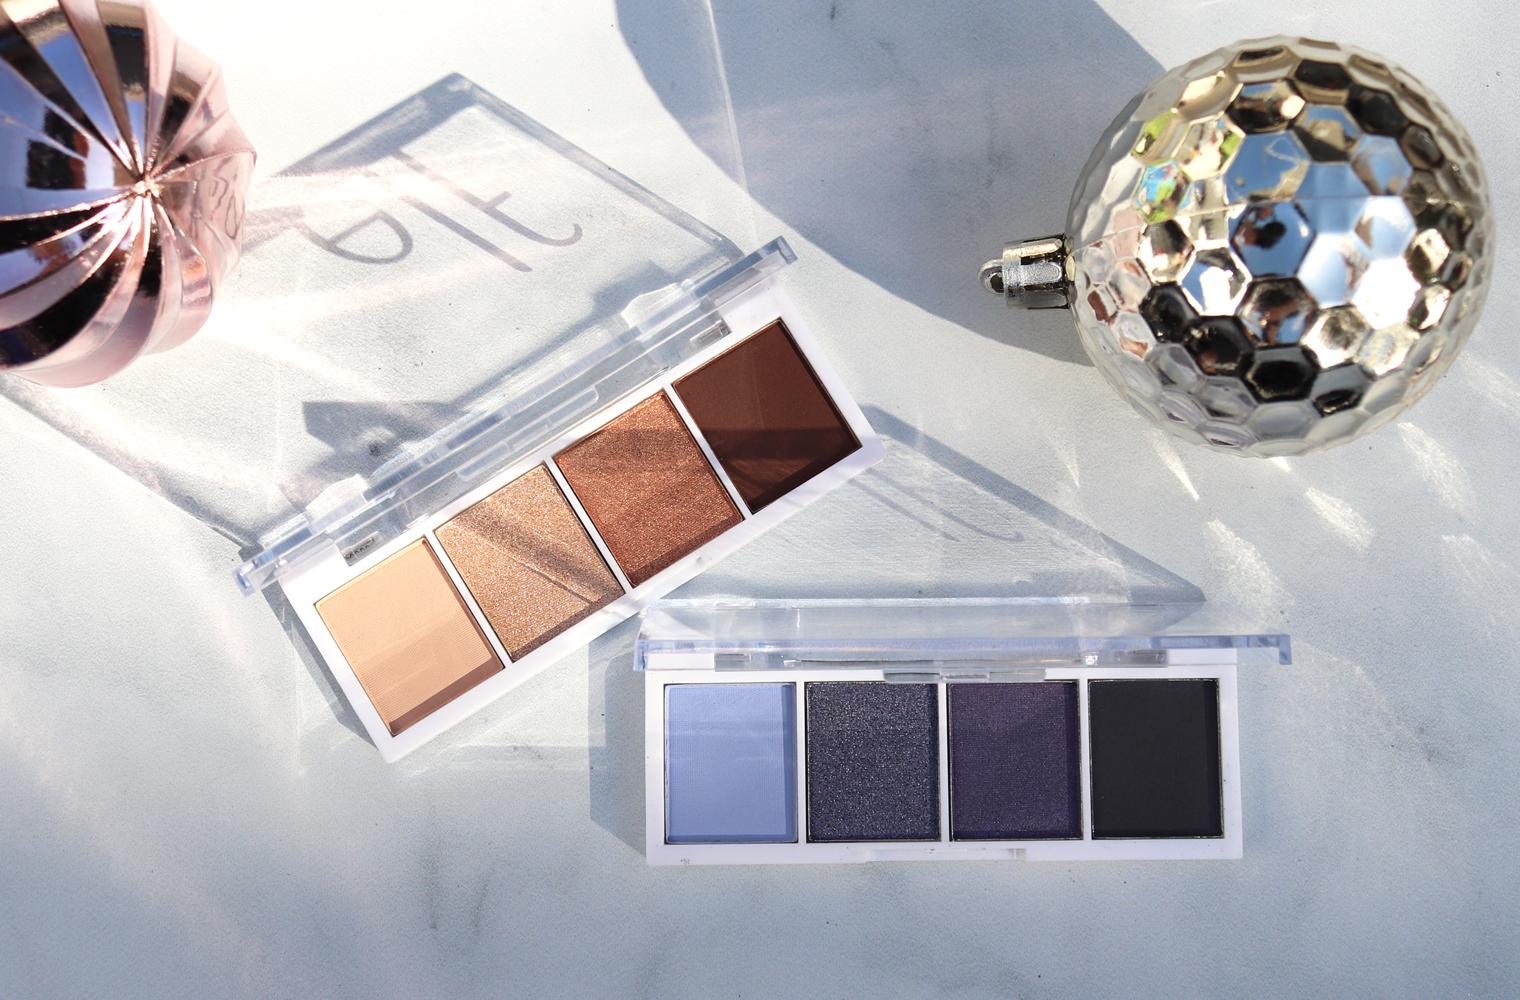 e.l.f. Bite Size Eyeshadow Palettes